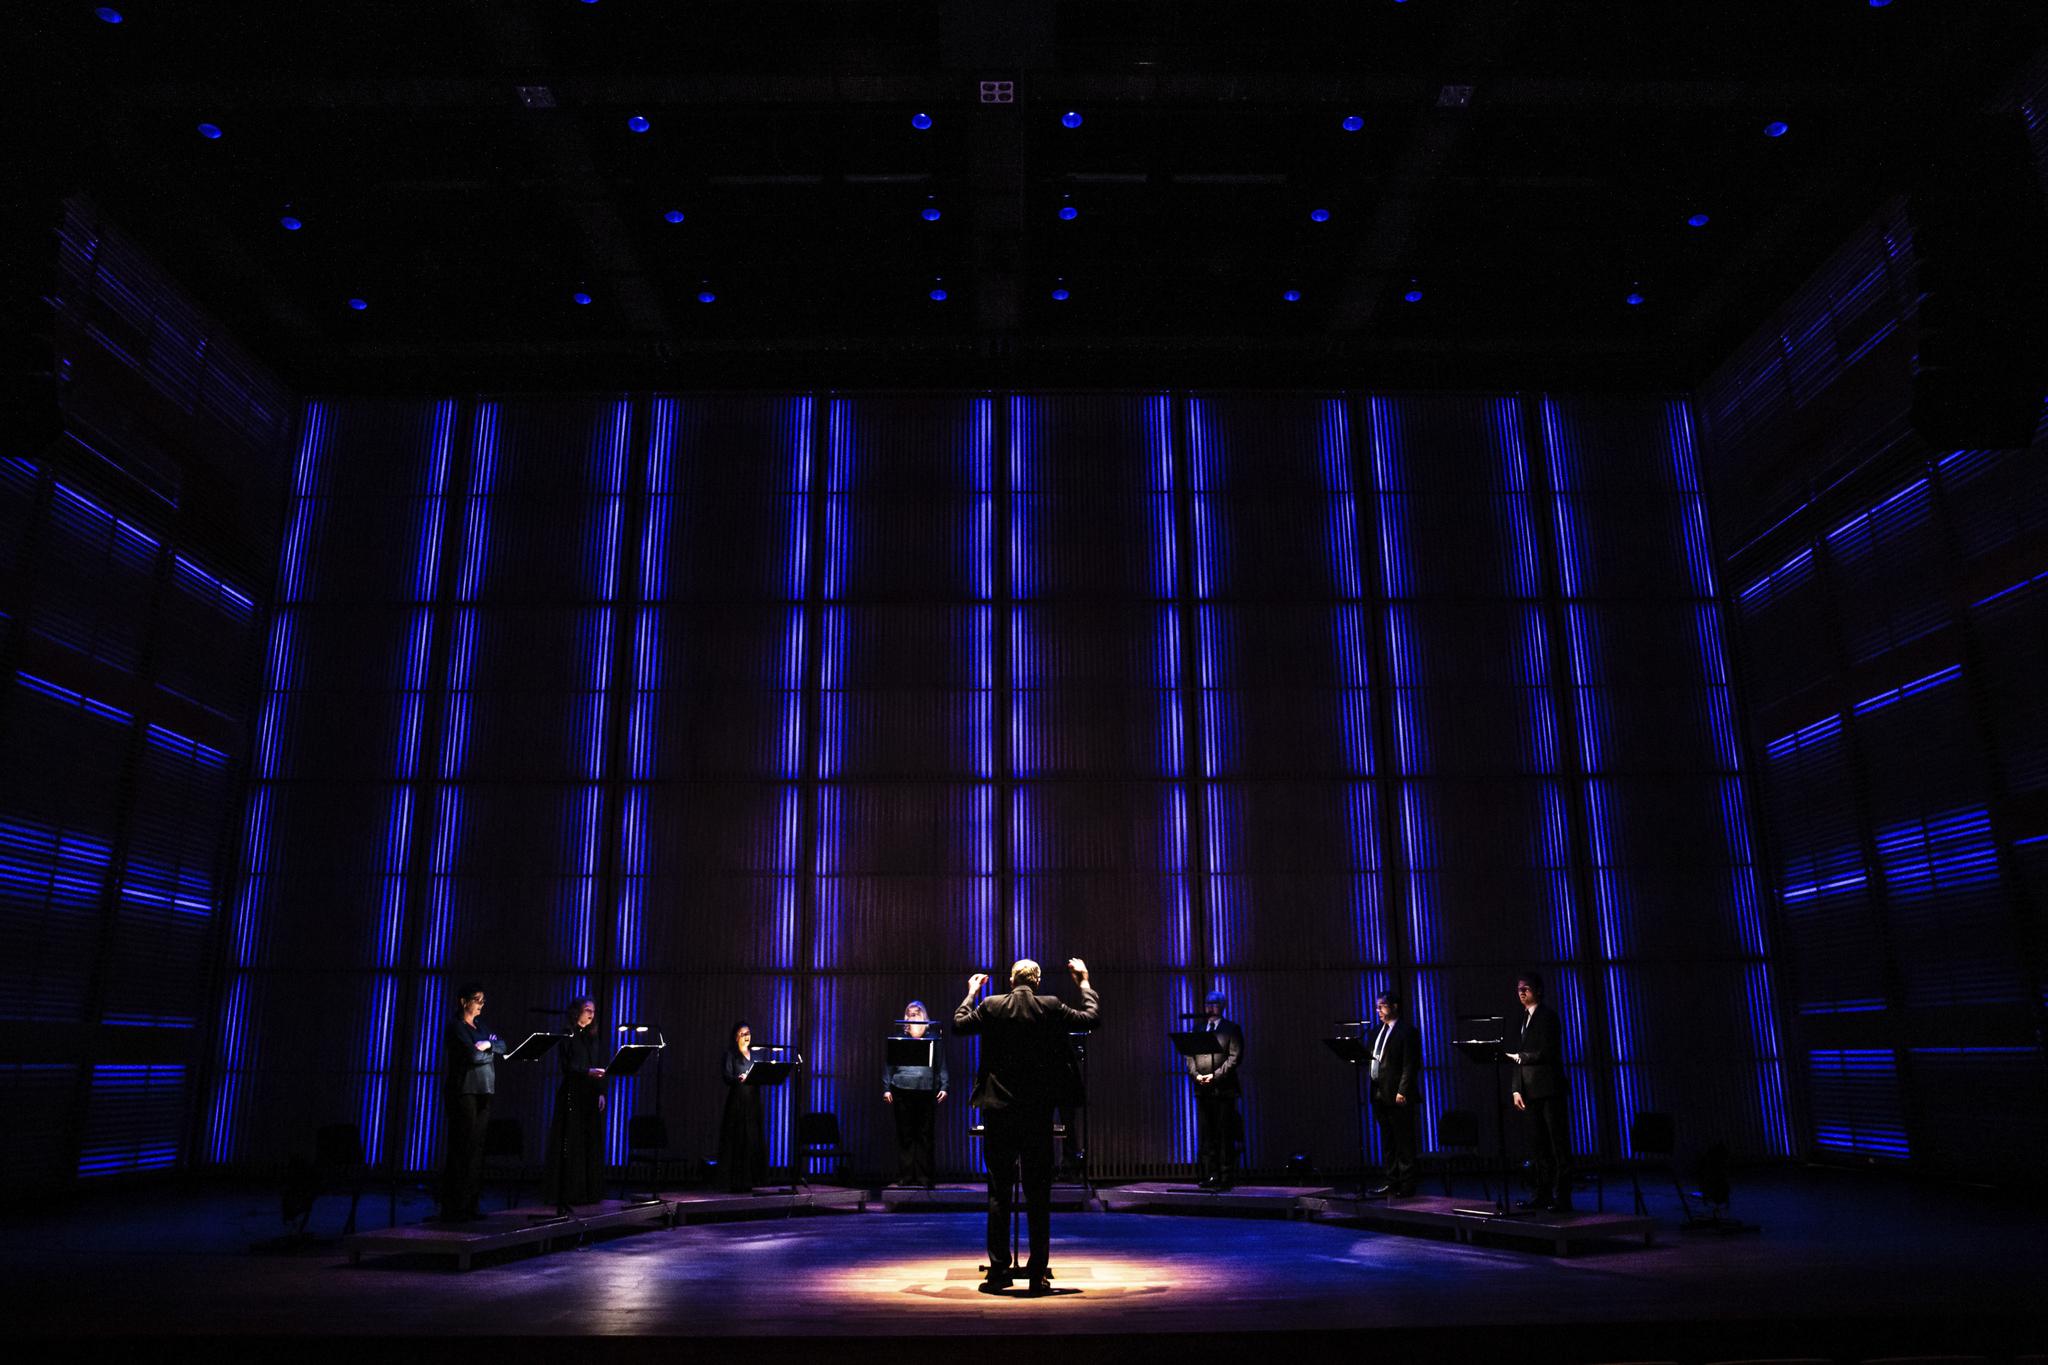 Melle Meivogel, Nizozemska: Svetloba v temi, 2020, prvi nastop Nizozemskega komornega pevskega zbora po zaprtju zaradi covida-19, Nizozemska - Fotografija prikazuje prvi nastop Nizozemskega komornega pevskega zbora po razglasitvi karantene v državi leta 2020. Naslov koncerta je bil Svetloba v temi. Nastop se je začel v popolni temi, svetloba pa je počasi začela osvetljevati oder kot simbol upanja za prihodnost zborovskega petja.